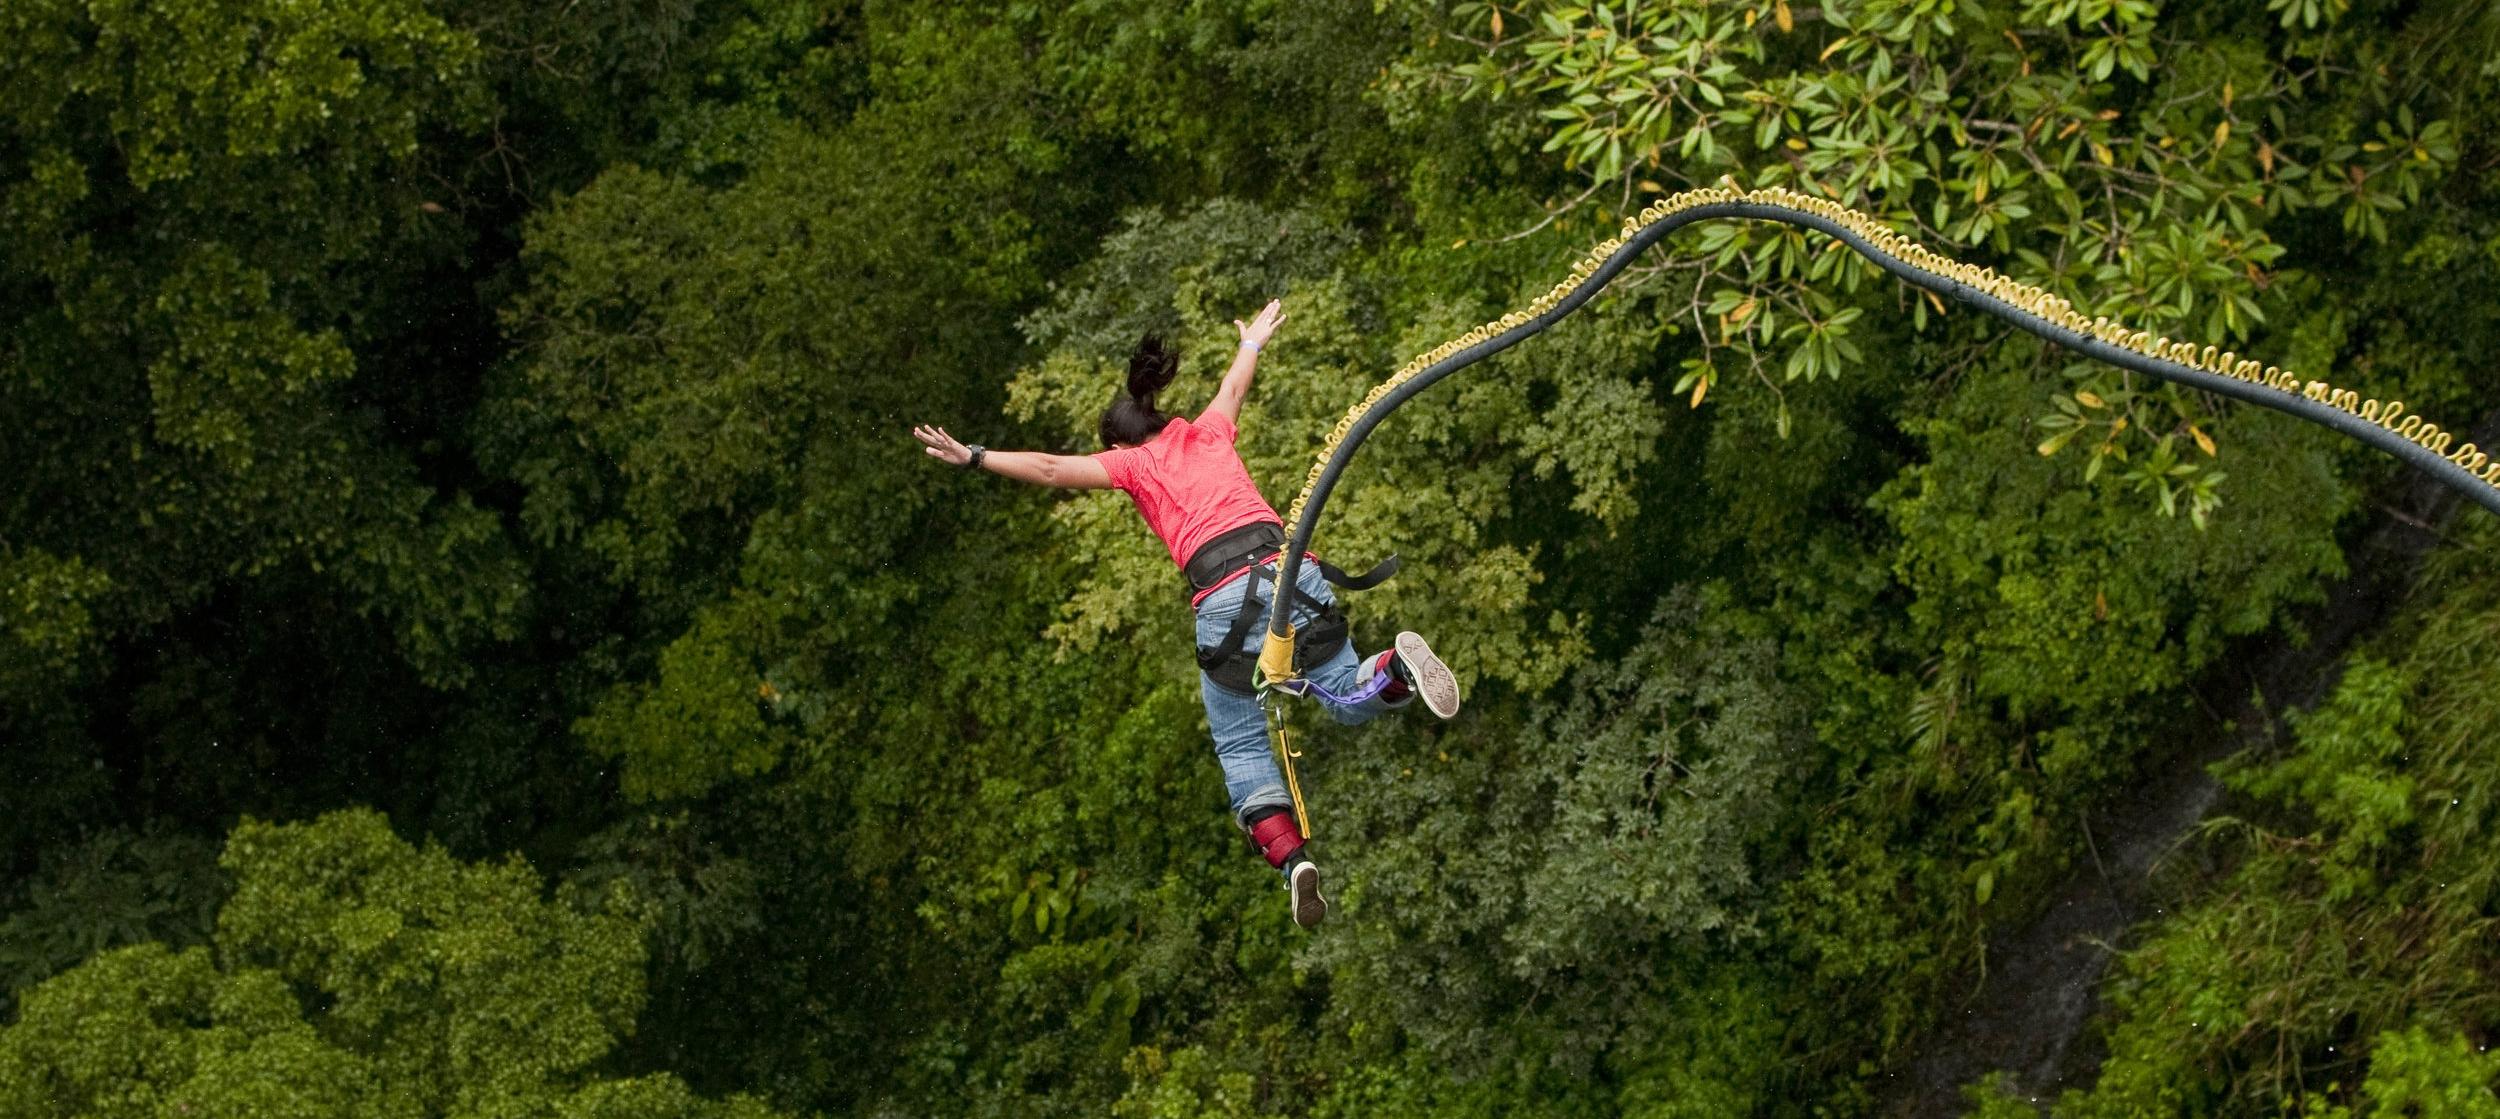 5 Extreme sports you can practice in Costa Rica — Villas del Rio